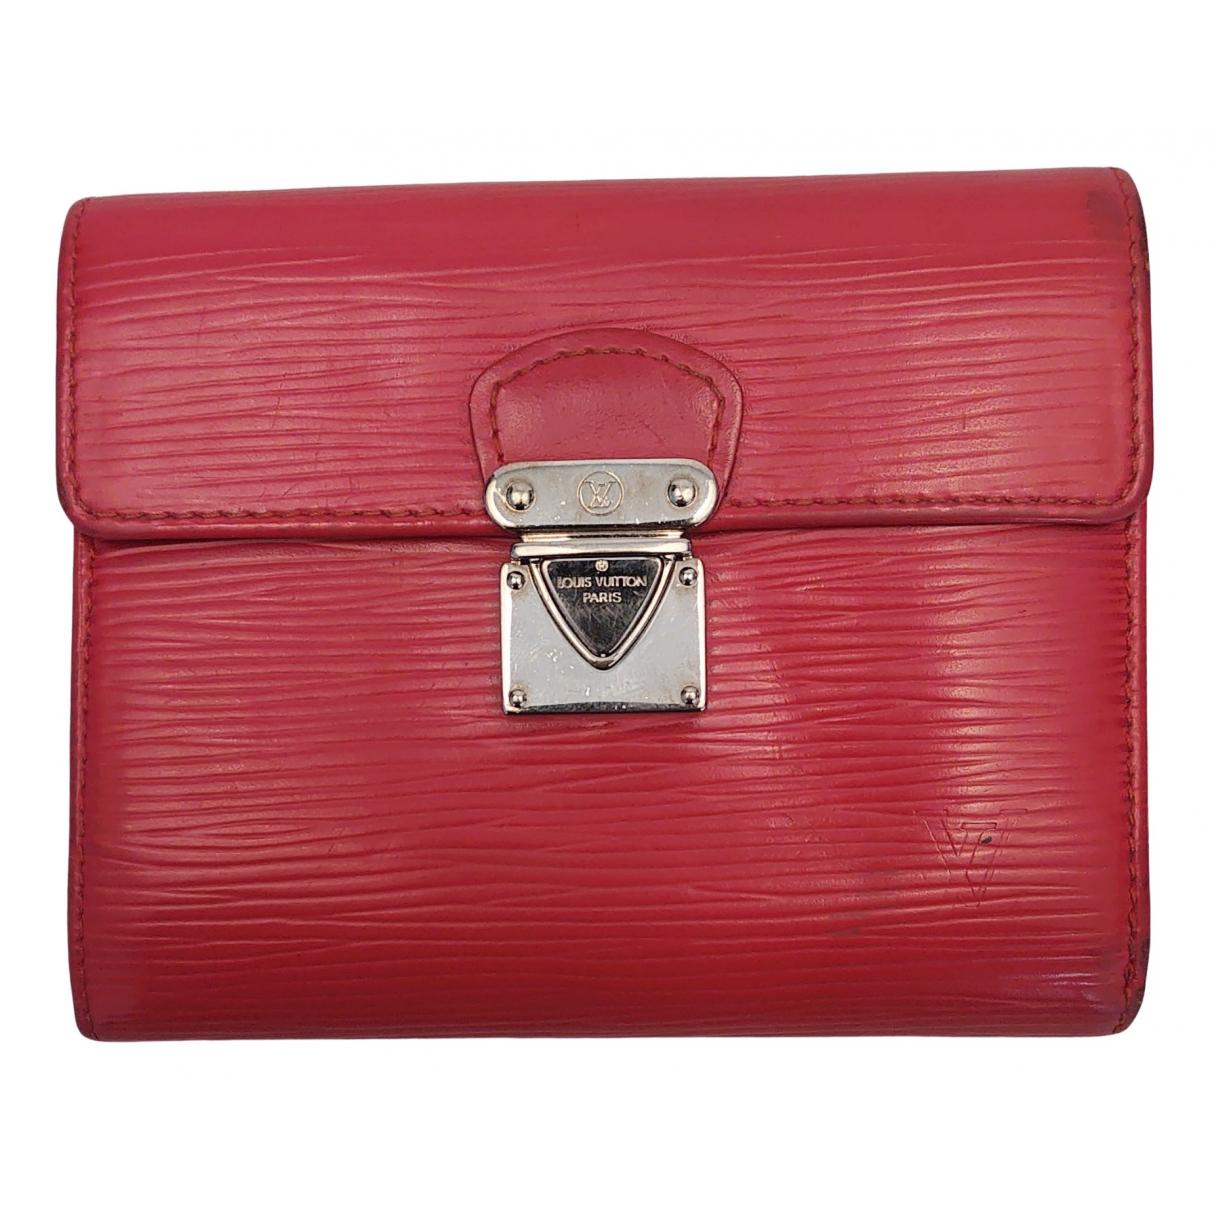 Louis Vuitton Koala Portemonnaie in  Rot Leder